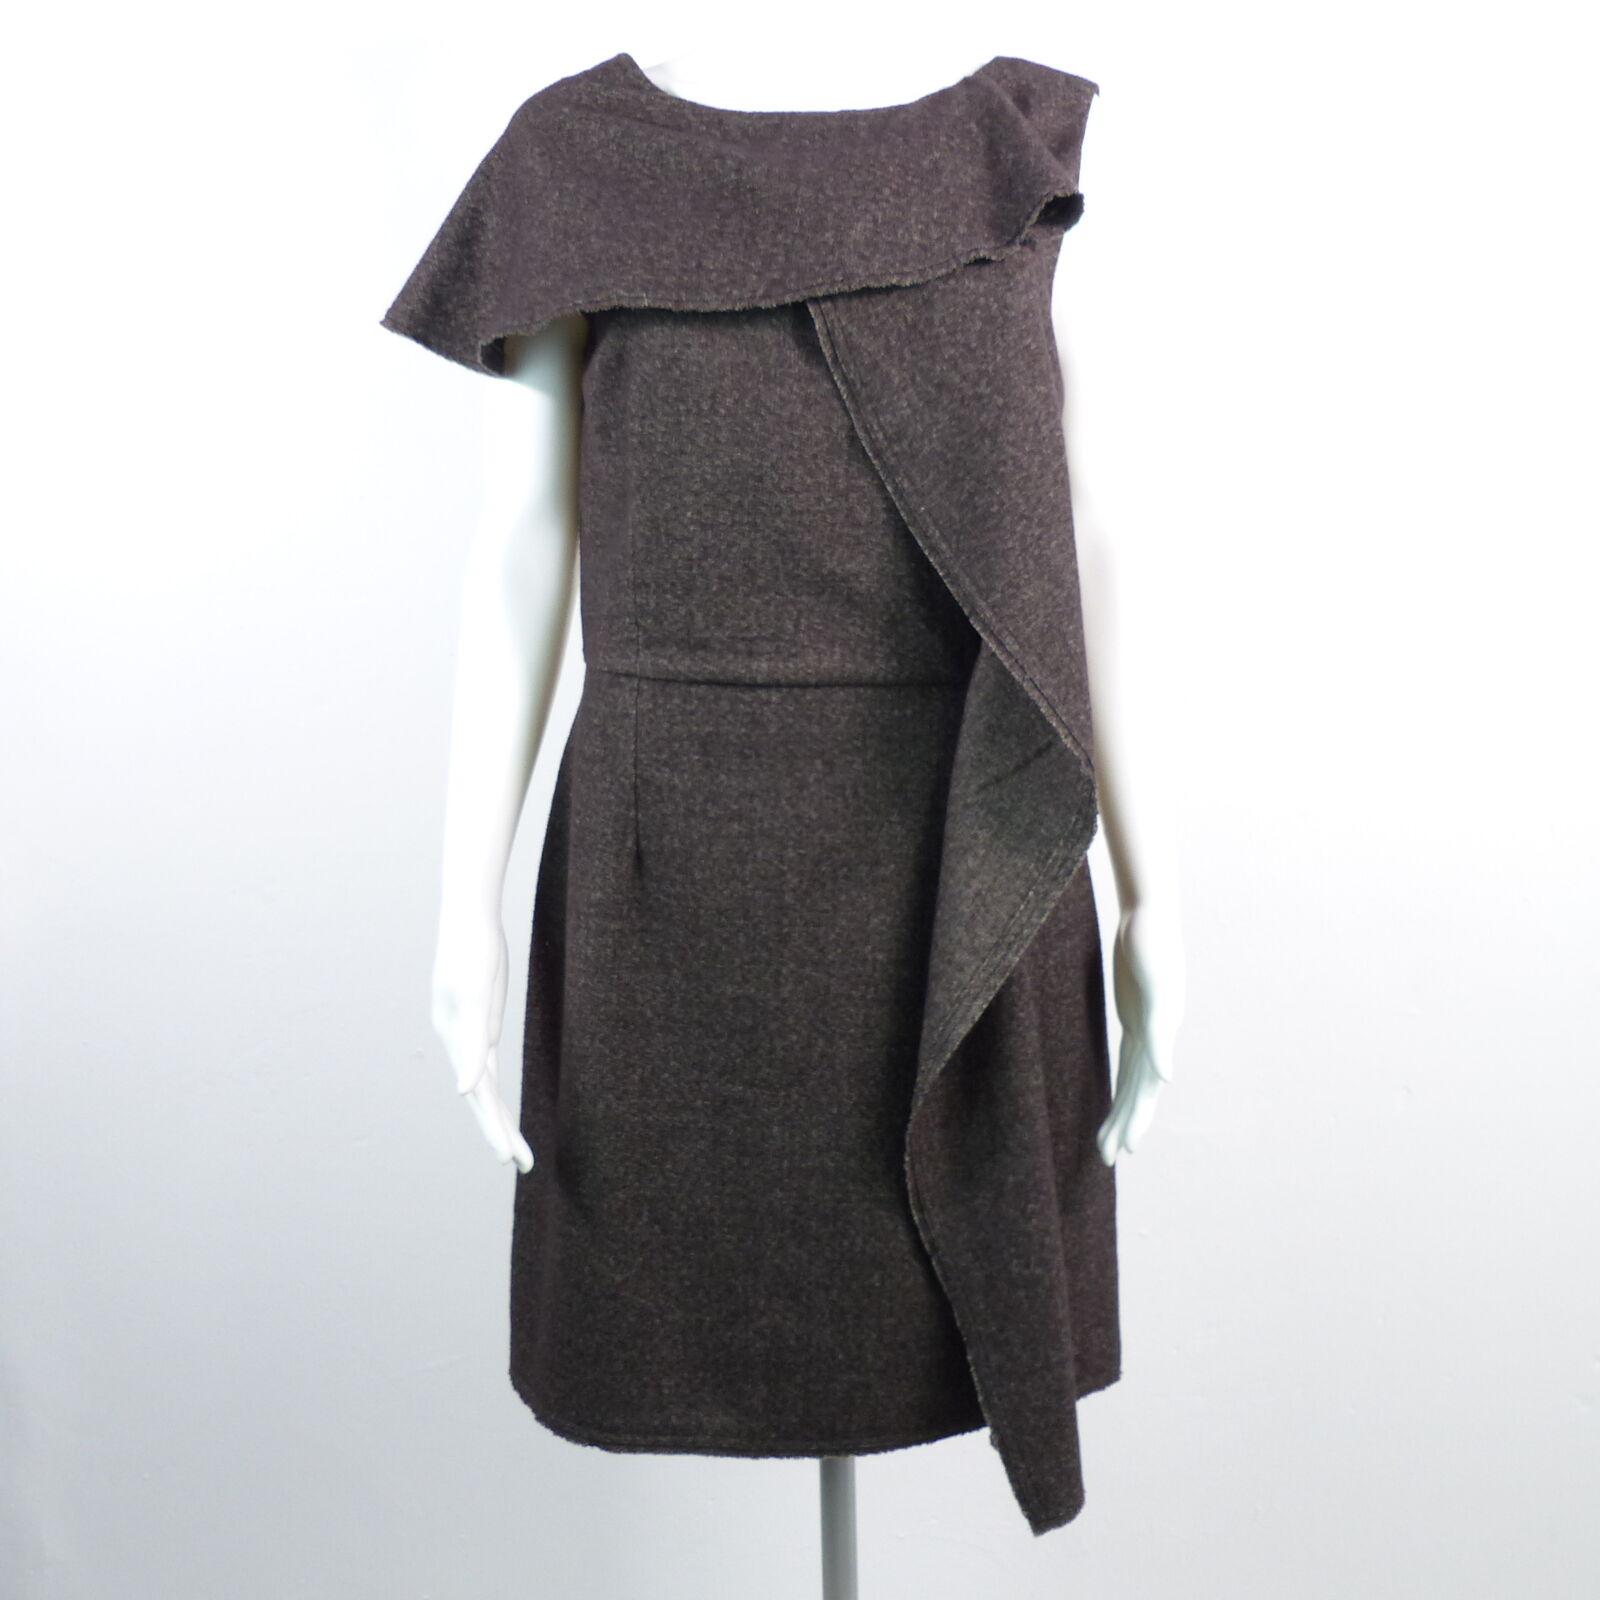 85ce8f9a91b6 FENDI Abito Vestito ASTUCCIO Bodycon DONNA IT 44 100% LANA robe dress  MarroneeE nvylpw1950-Vestiti